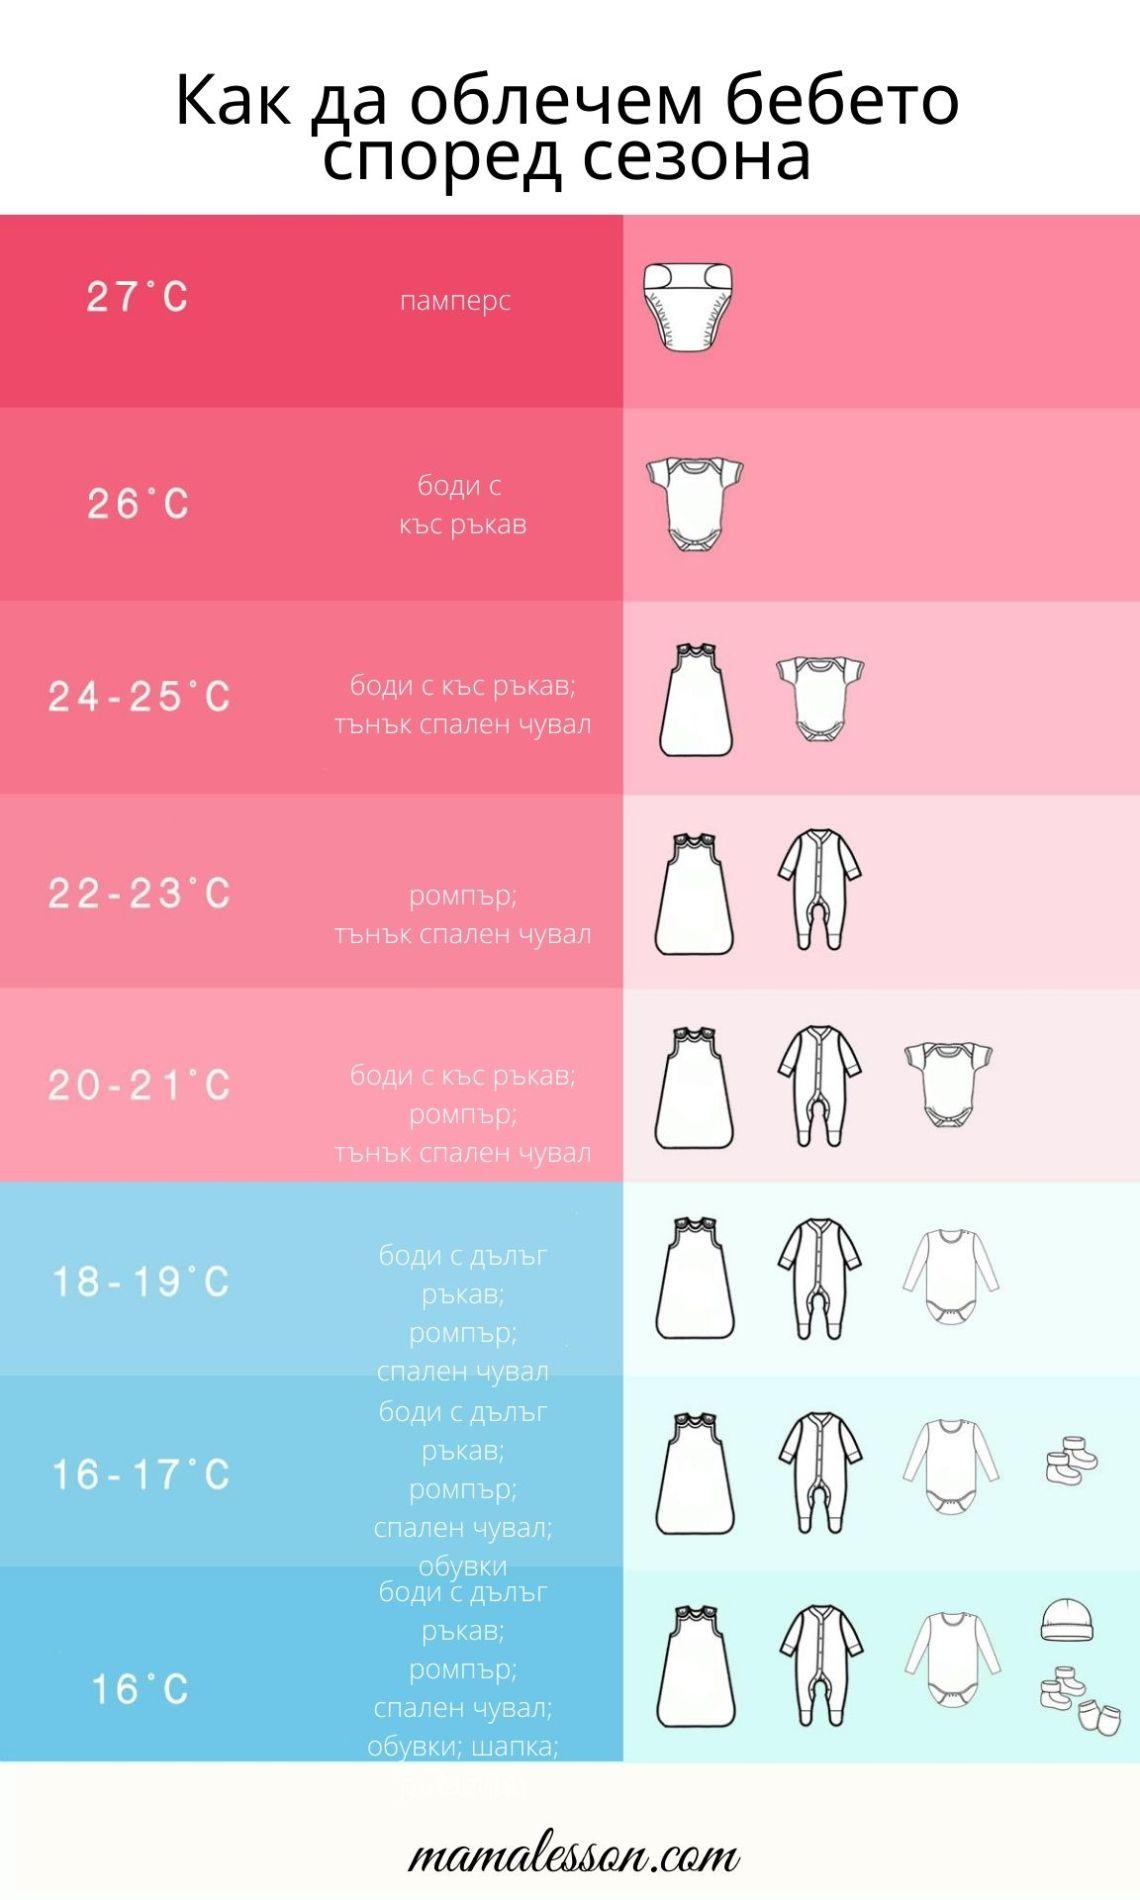 как да облечем бебето, облекло на бебето според сезона